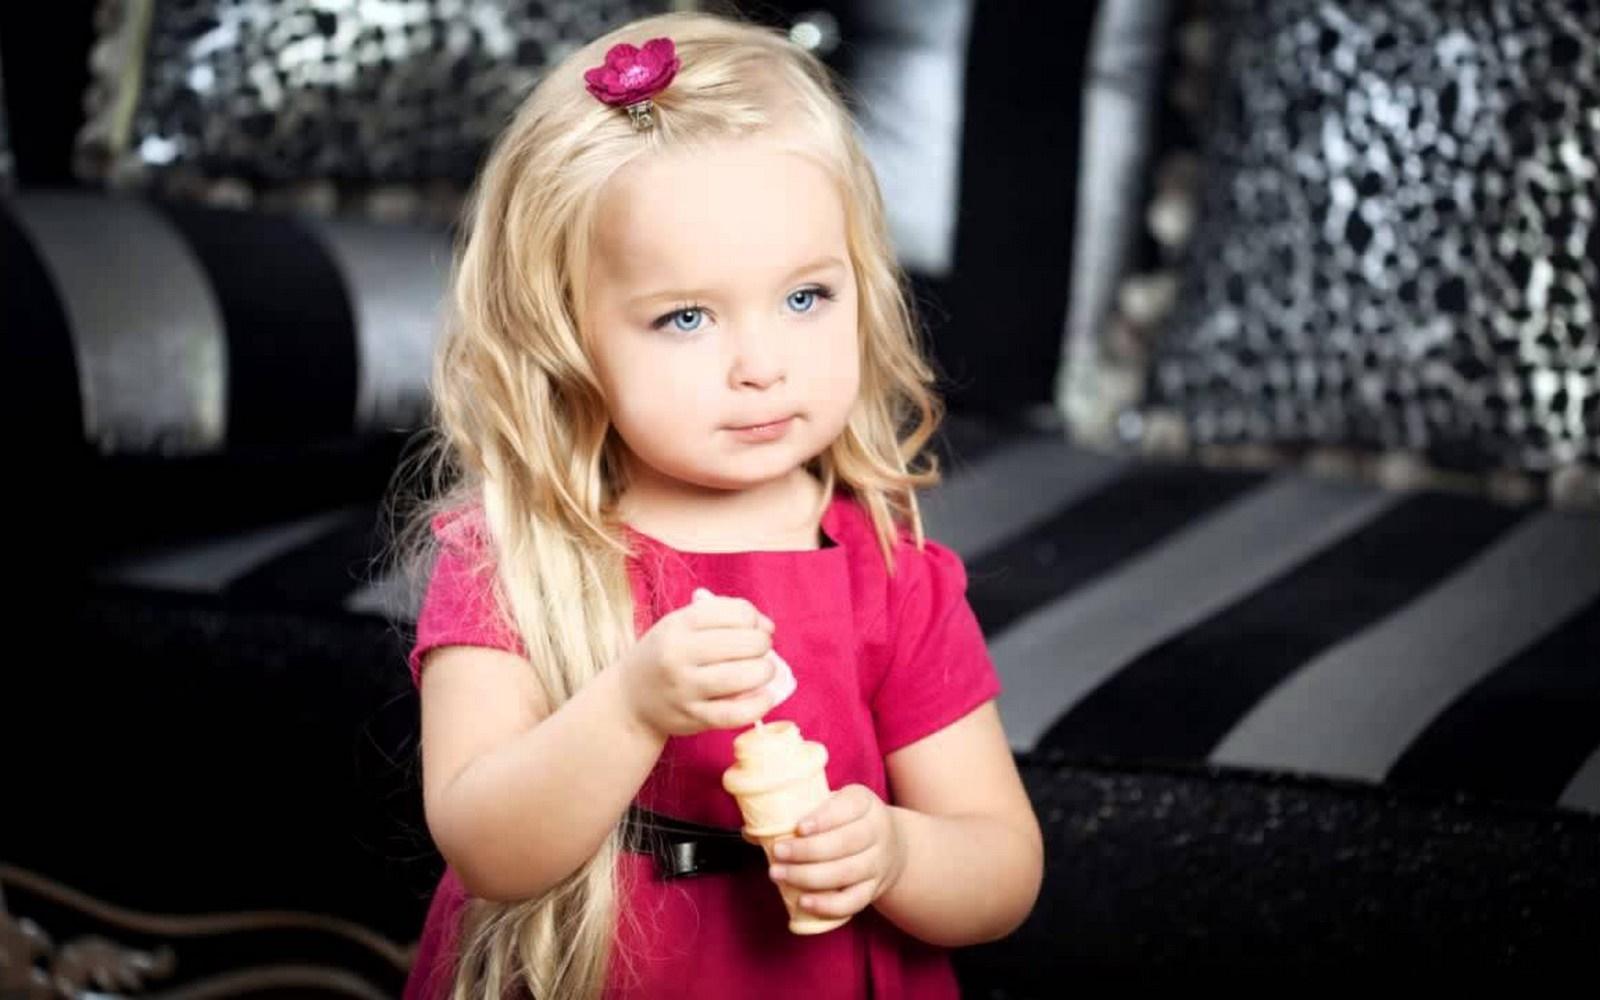 صورة صور بنات حلوين صغار , ايه السكر ده